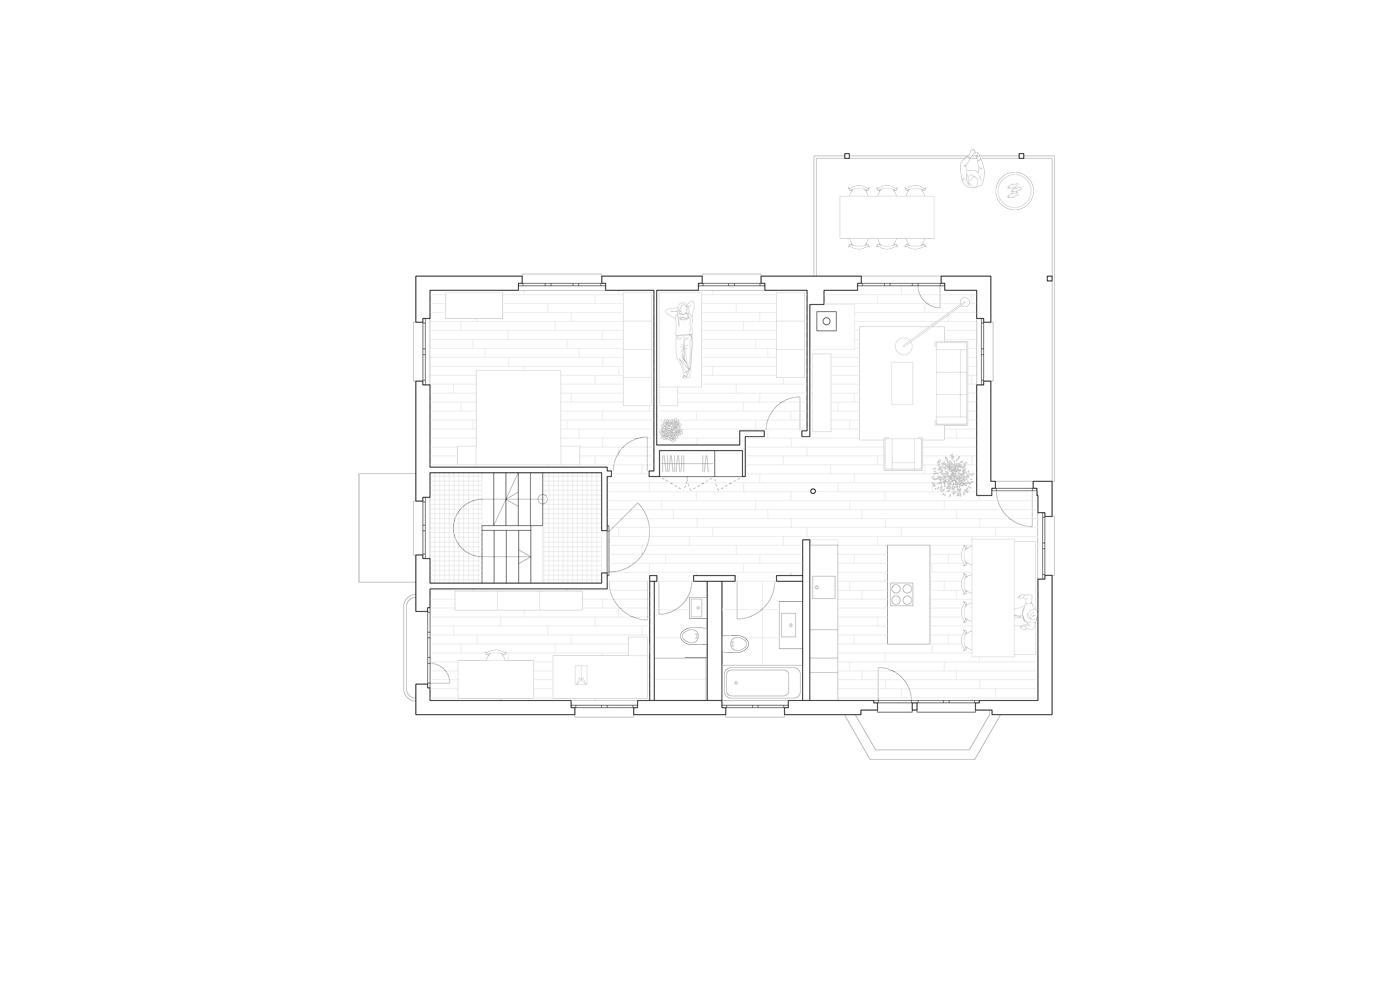 buan architekten – Wohnhaus Langensandstrasse Luzern – Grundriss